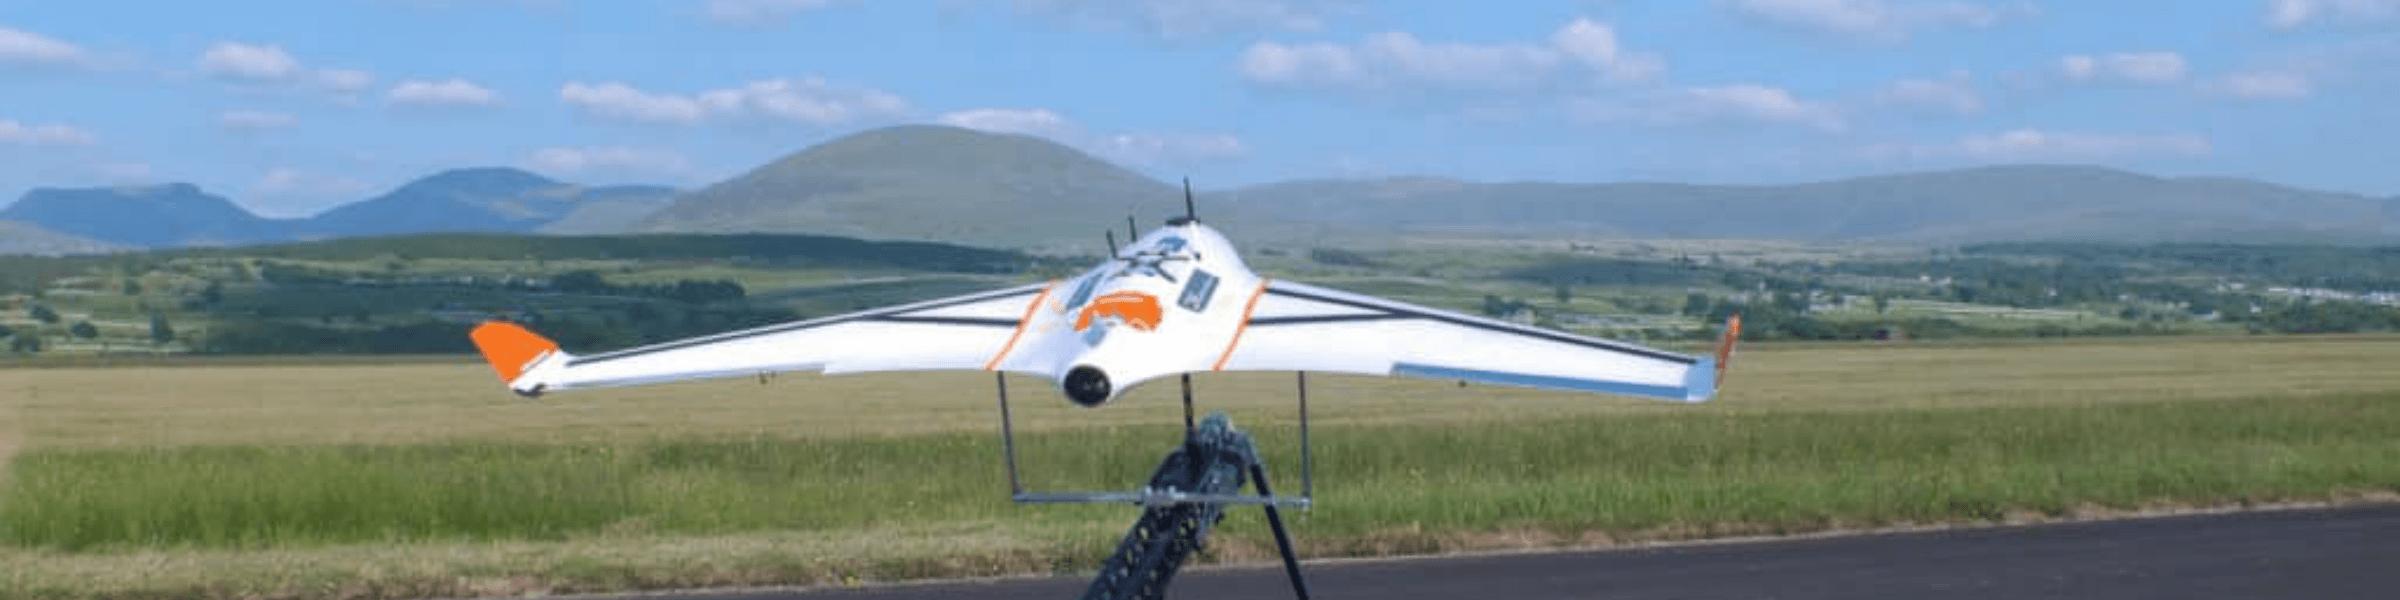 SALUS-UAV-Drone-Major-Consultancy-Services-Solutions-Hub